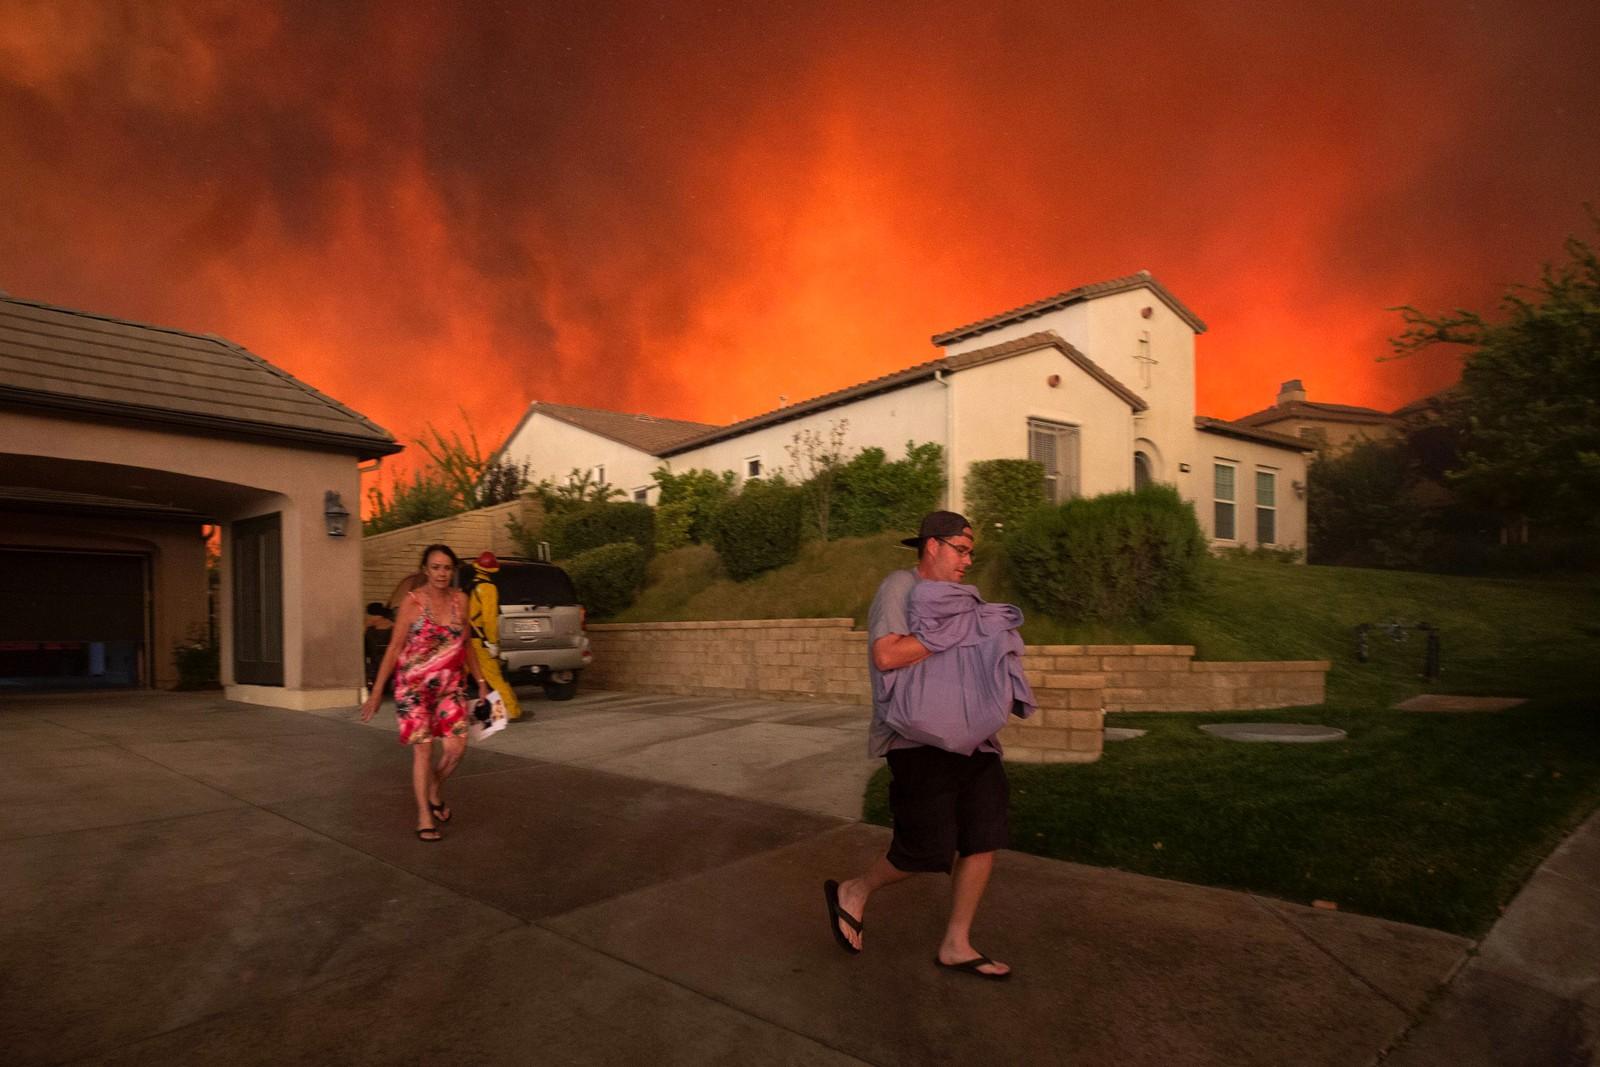 """Mennesker flykter fra hjemmet sitt under skogbrannen som ble kalt """"Sand Fire i USA. Nesten 155 kvadratkilometer sto i brann da det var på det verste. Bildet er tatt nær Santa Clarita i California den 23. juli."""